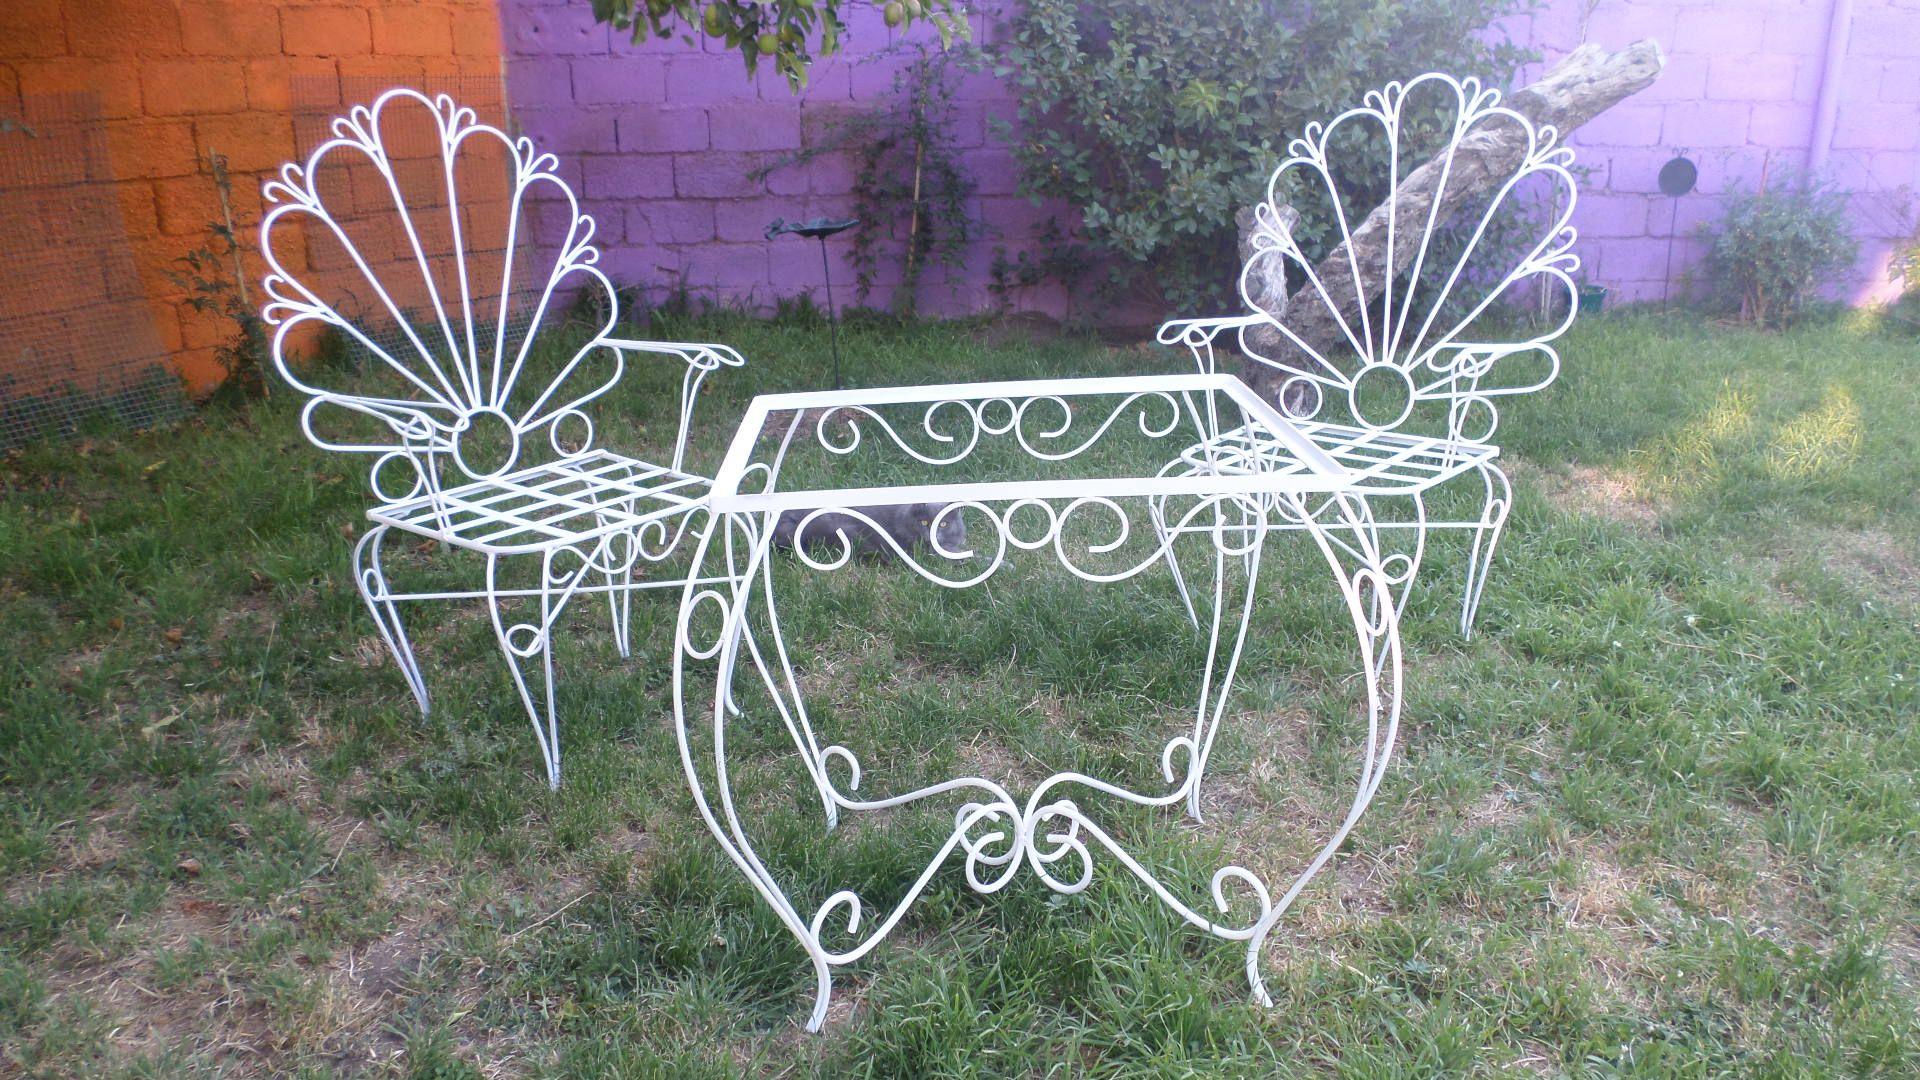 Juego de sillones y mesa | Muebles, accesorios y adornos en hierro ...